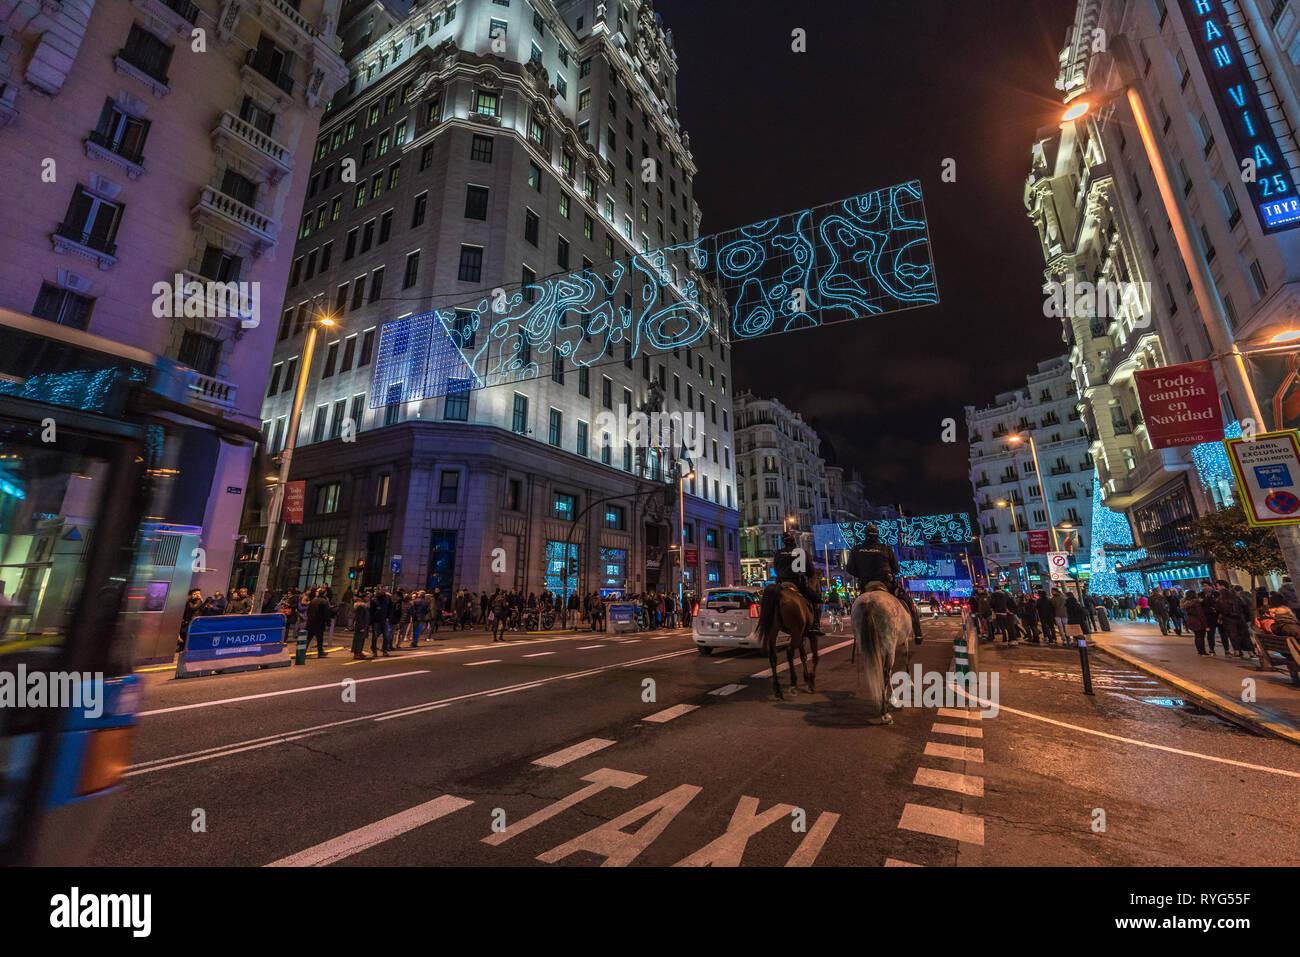 Madrid, Spanien - 26. Dezember 2017: Leute, überfahrt Gran Via Street, geniessen Weihnachtsbeleuchtung Dekoration und Shopping während der Weihnachtszeit. Madrid Stockbild